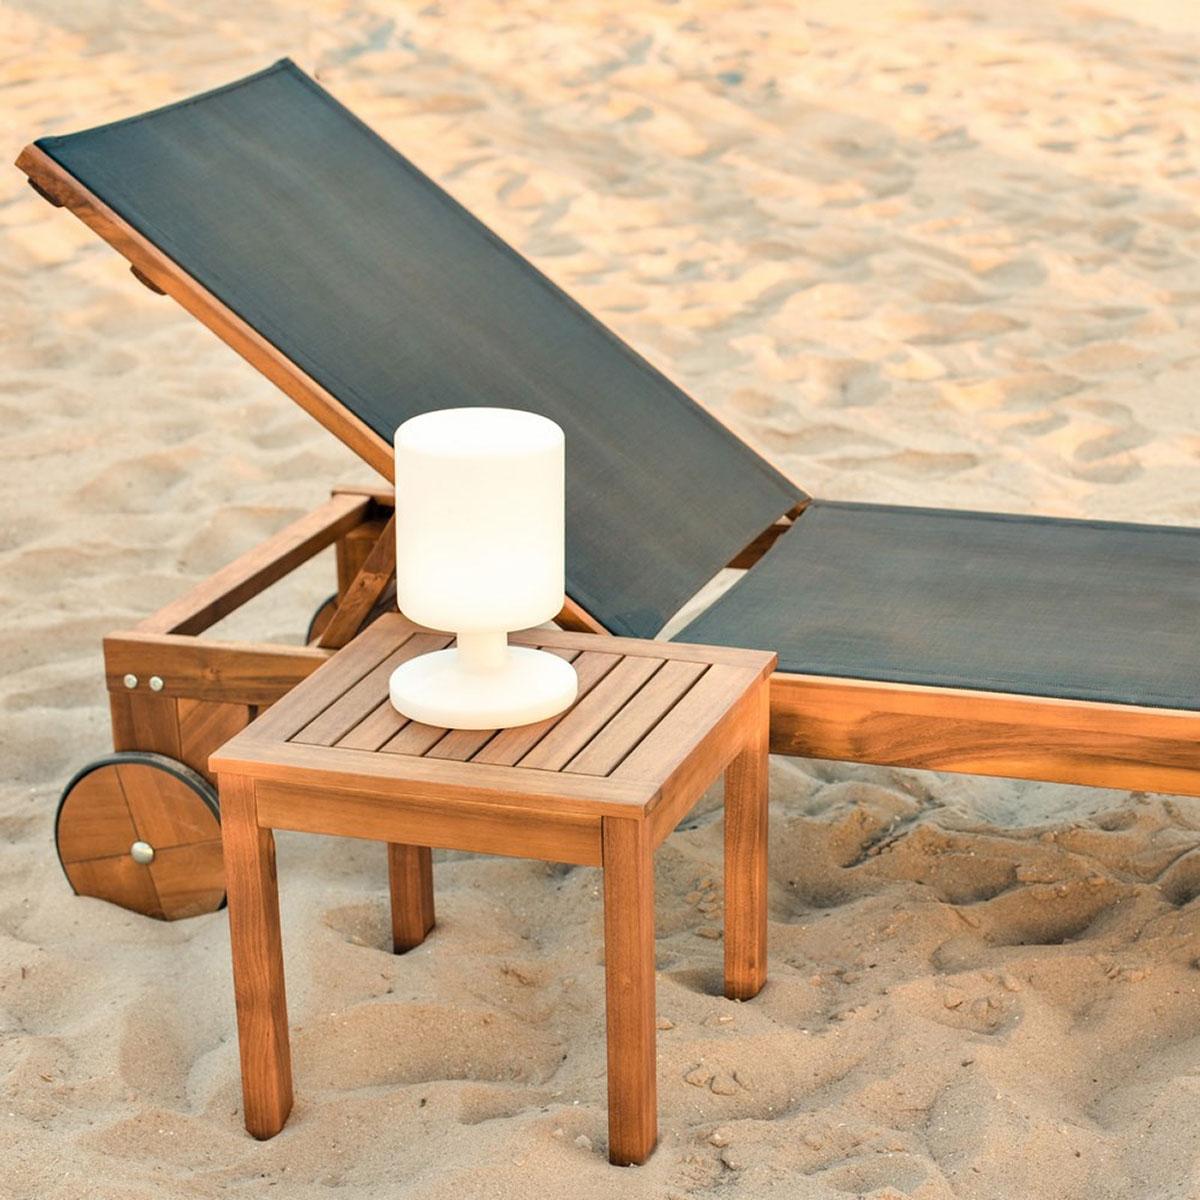 Table d'appoint d'extérieur en acacia - Naturel - 40.00 cm x 40.00 cm x 40.00 cm